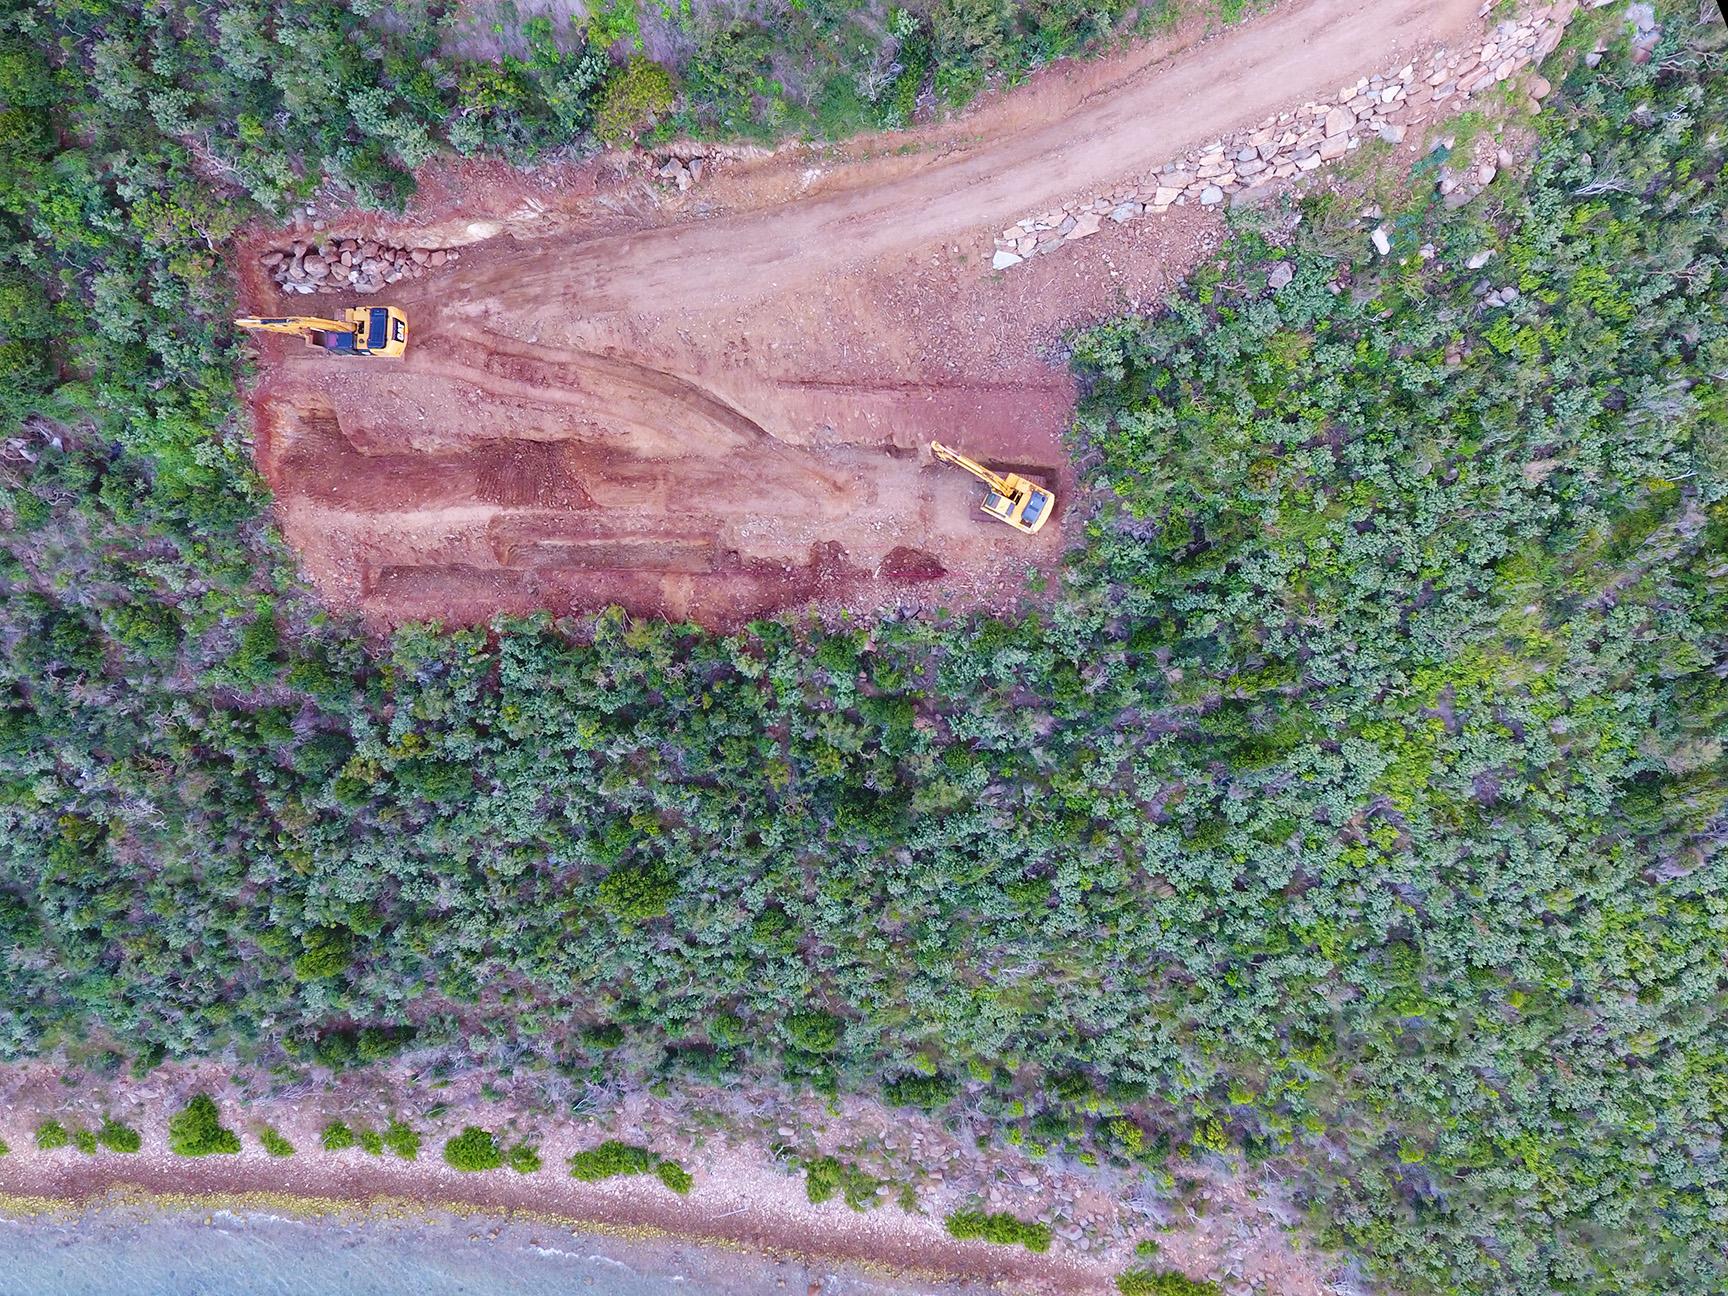 MTAD_181212_OIL NUT BAY RESIDENCE CONSTRUCTION 02.jpg